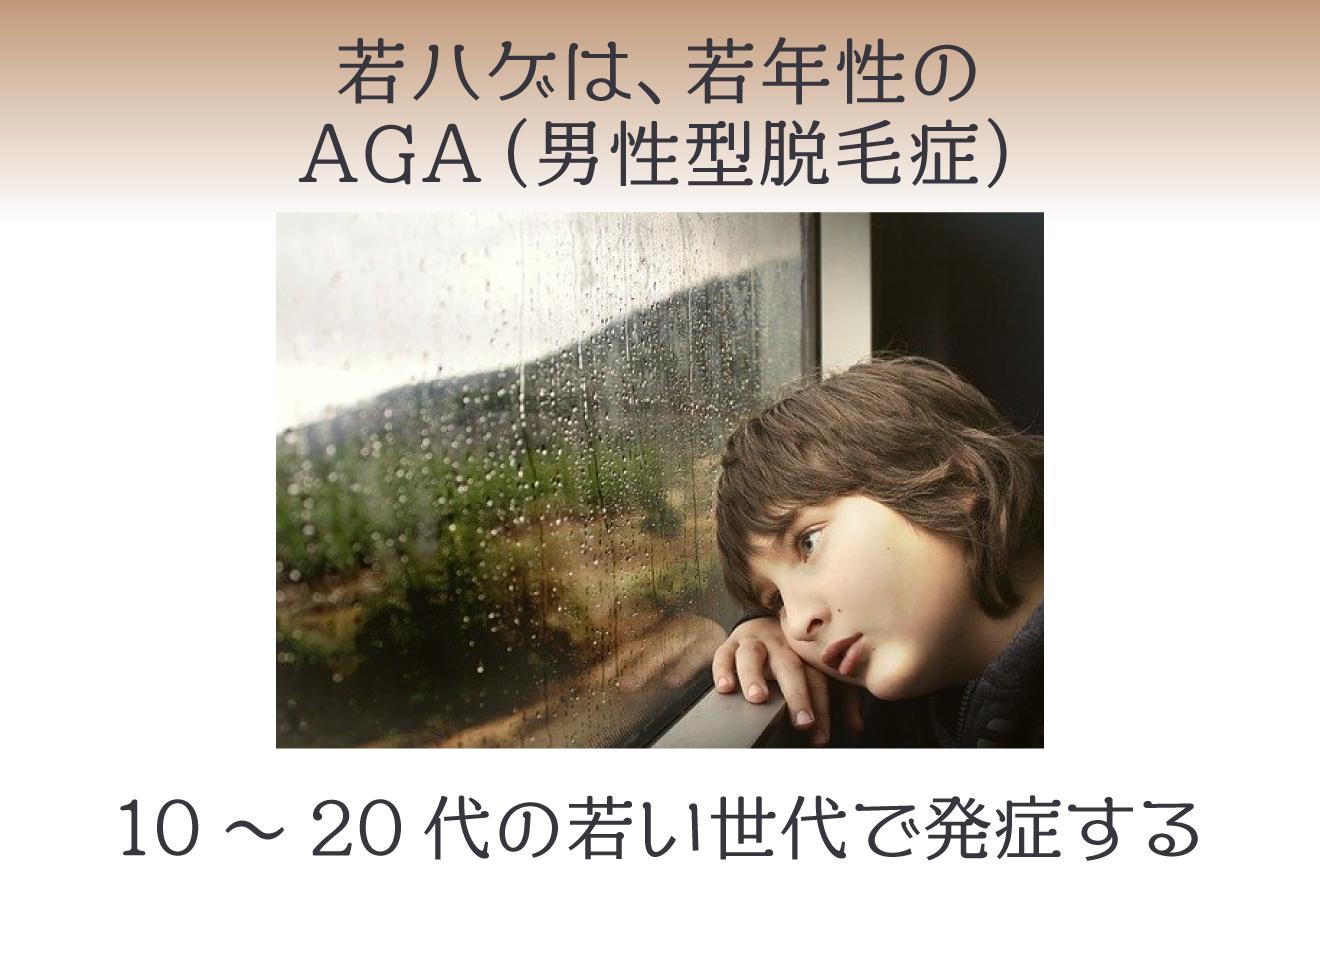 若ハゲは、若年性のAGA(男性型脱毛症)10~20代の若い世代で発症する